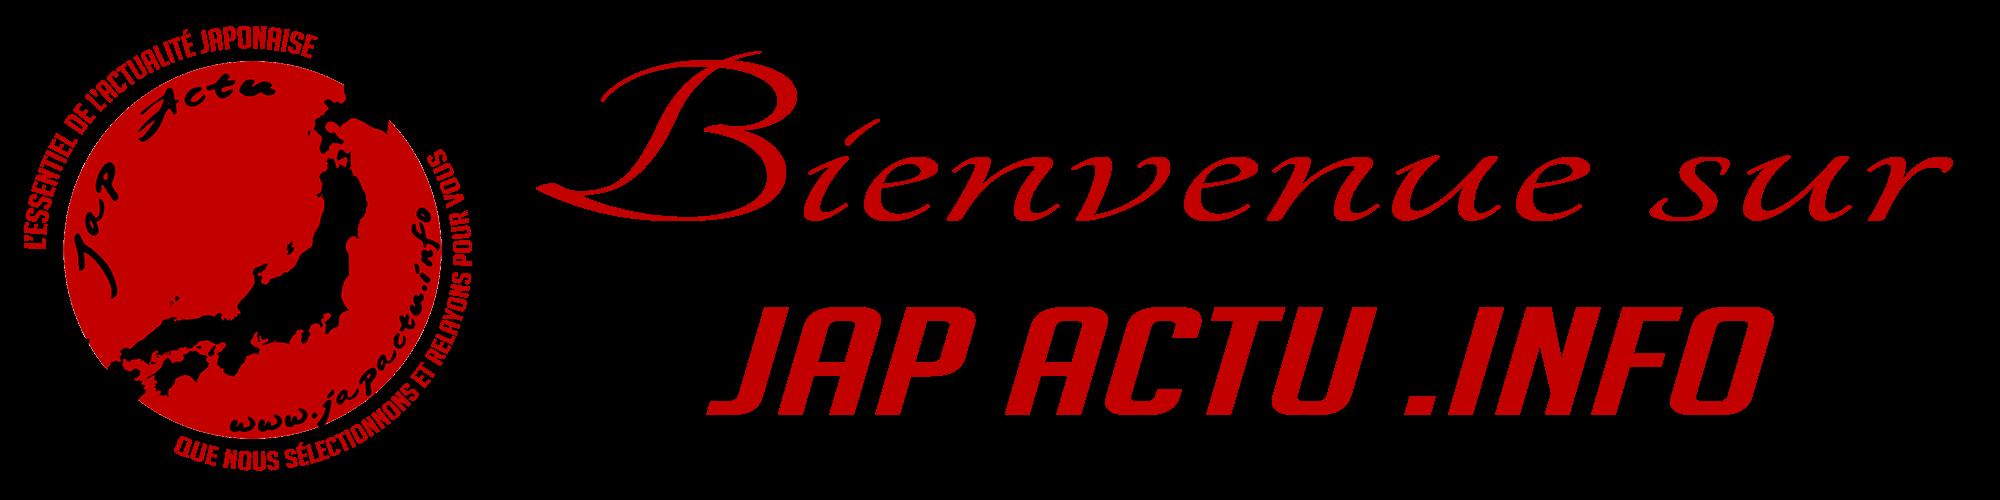 JapActu.Info